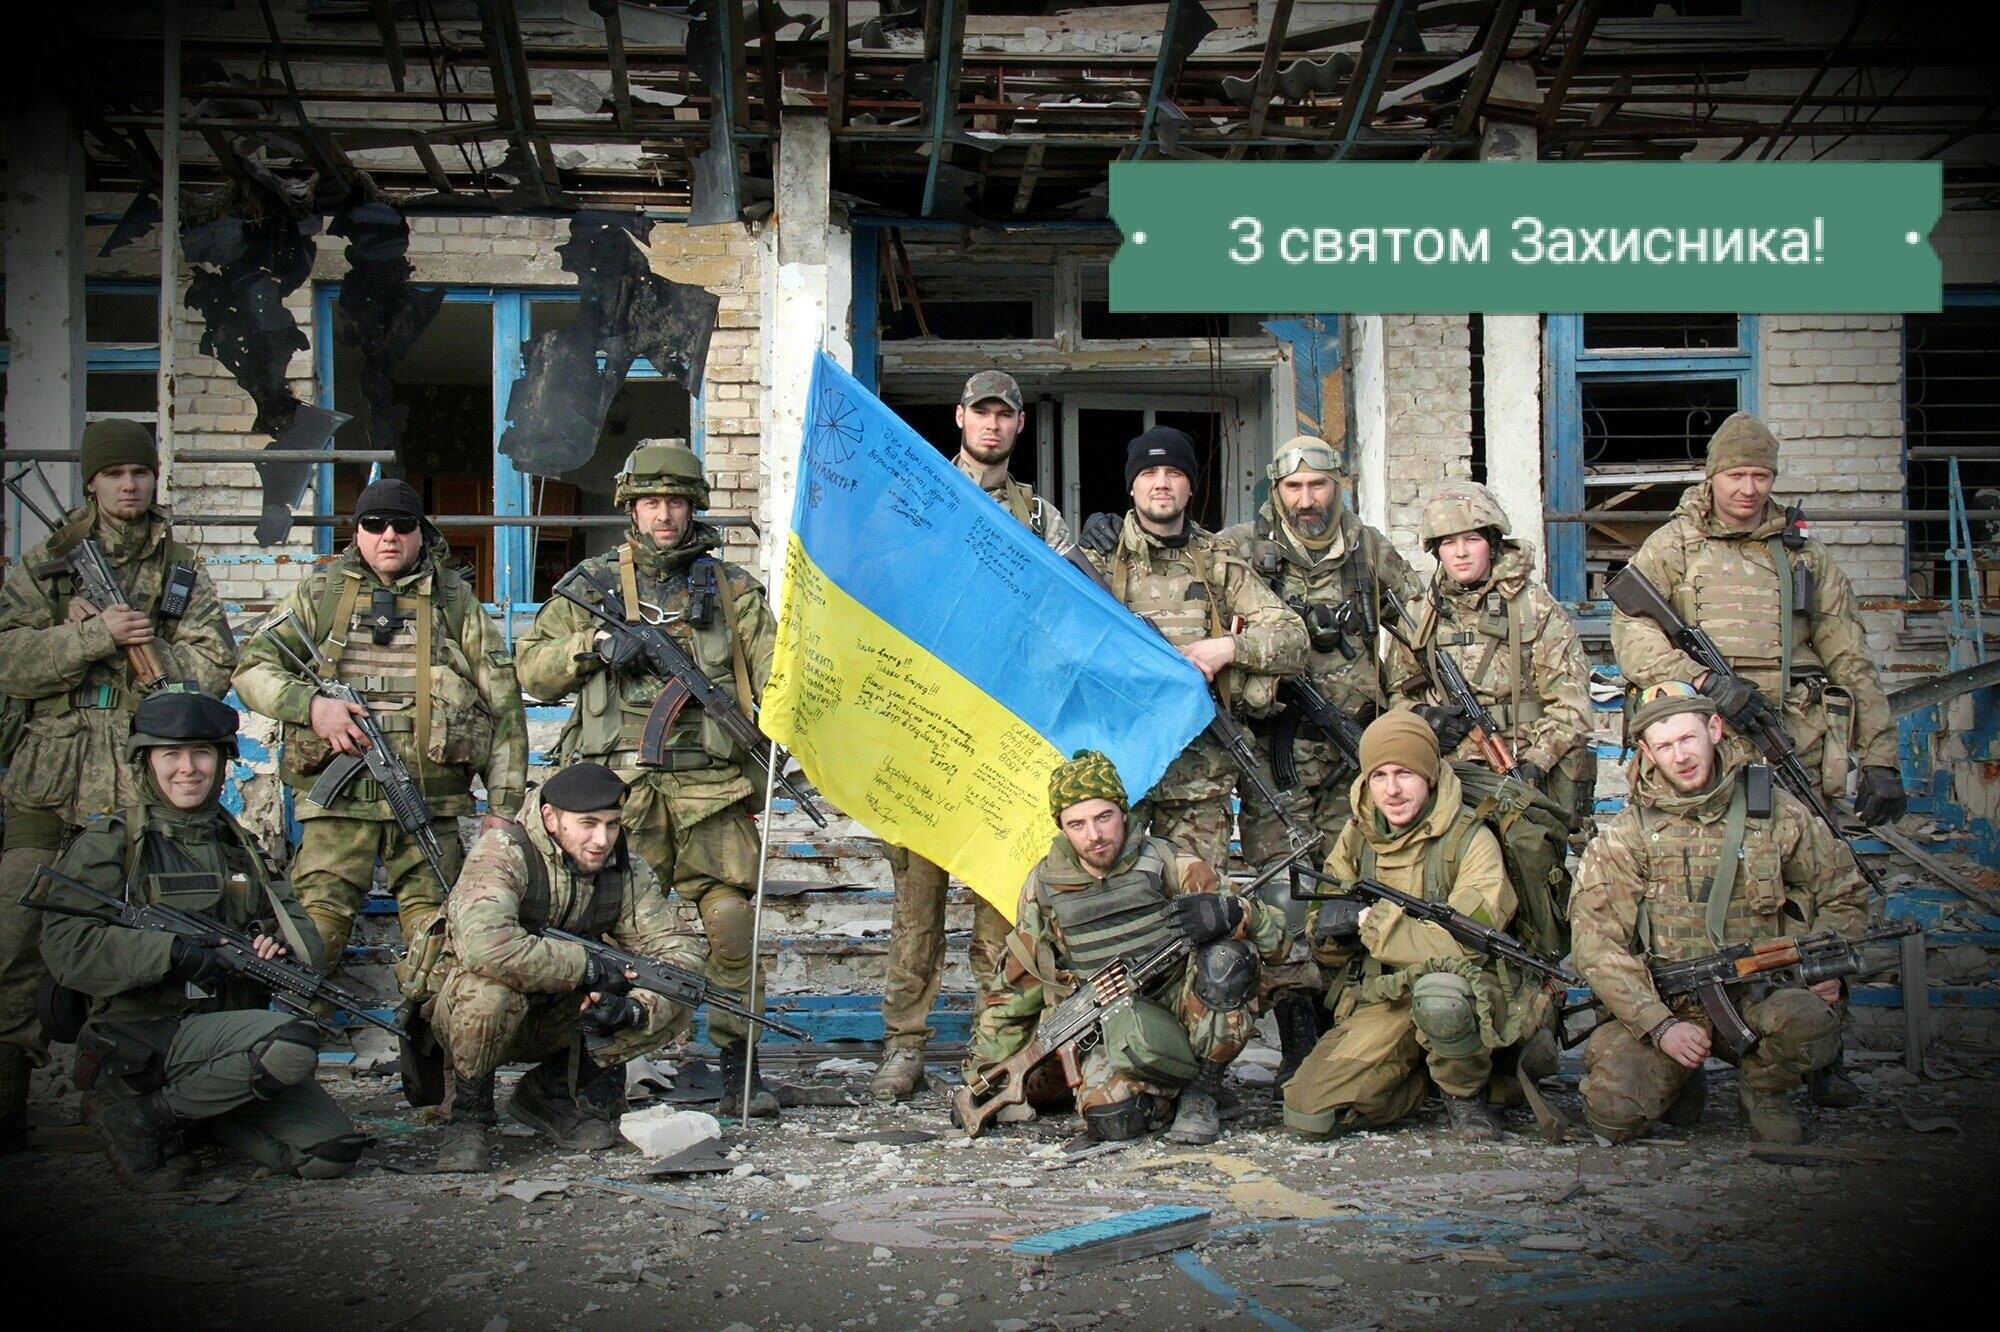 Побратимів і посестер – зі святом Захисників України!